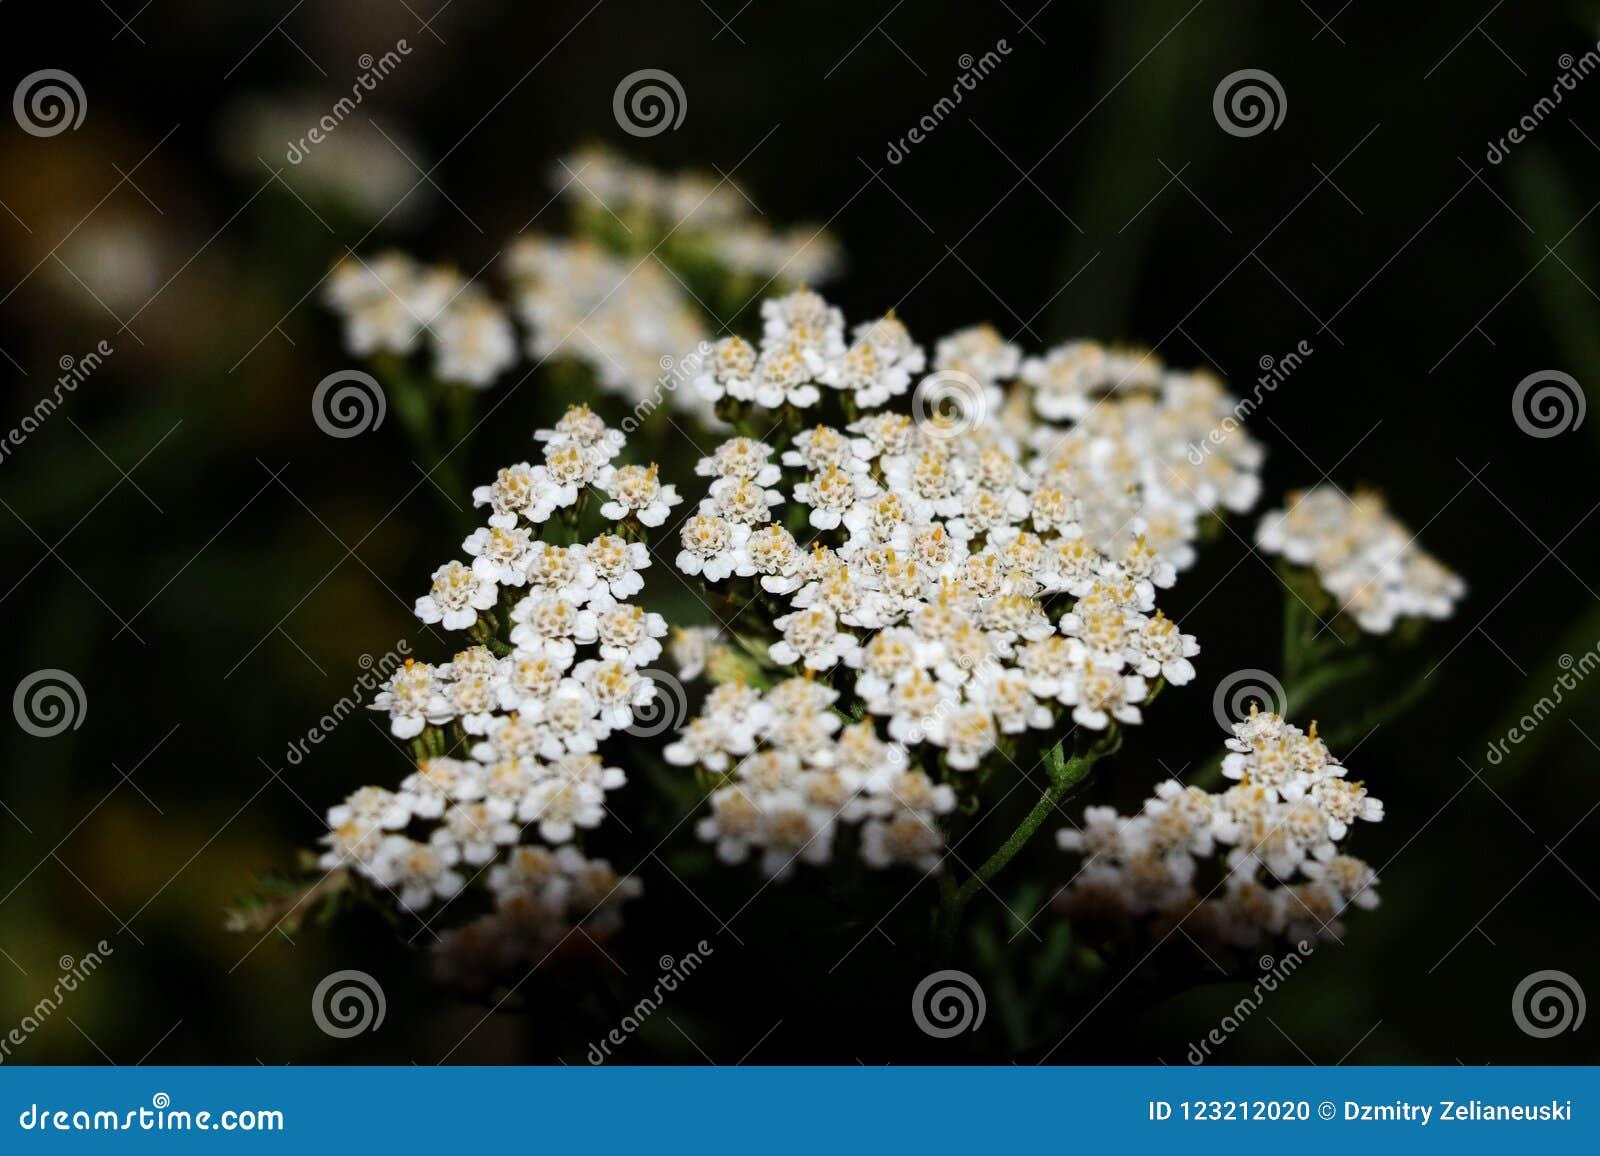 De bloemen van gemeenschappelijk duizendbladachillea millefoliumwhite sluiten omhoog hoogste mening als bloemenachtergrond tegen